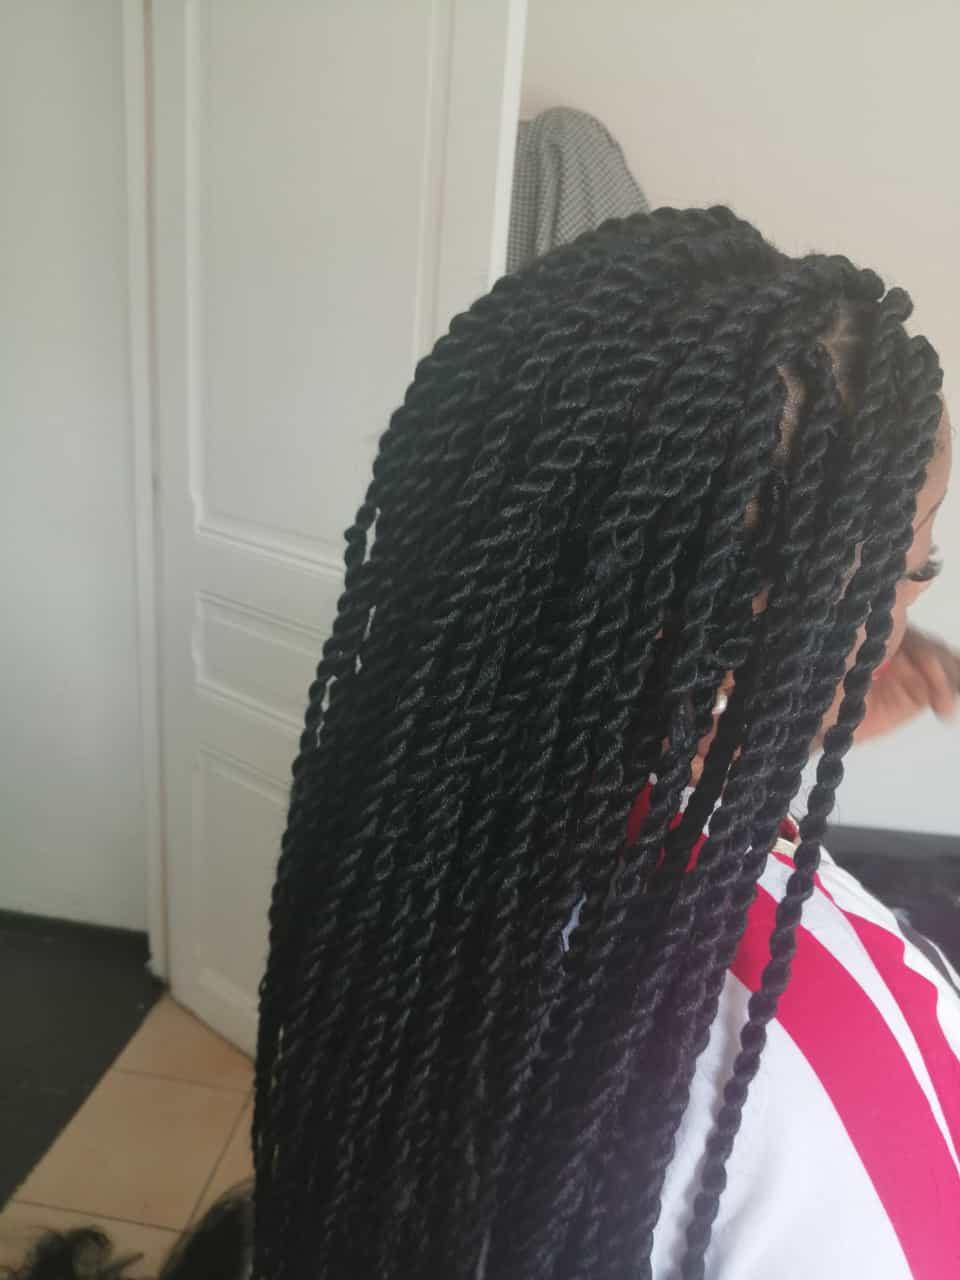 salon de coiffure afro tresse tresses box braids crochet braids vanilles tissages paris 75 77 78 91 92 93 94 95 XOOBKMLO